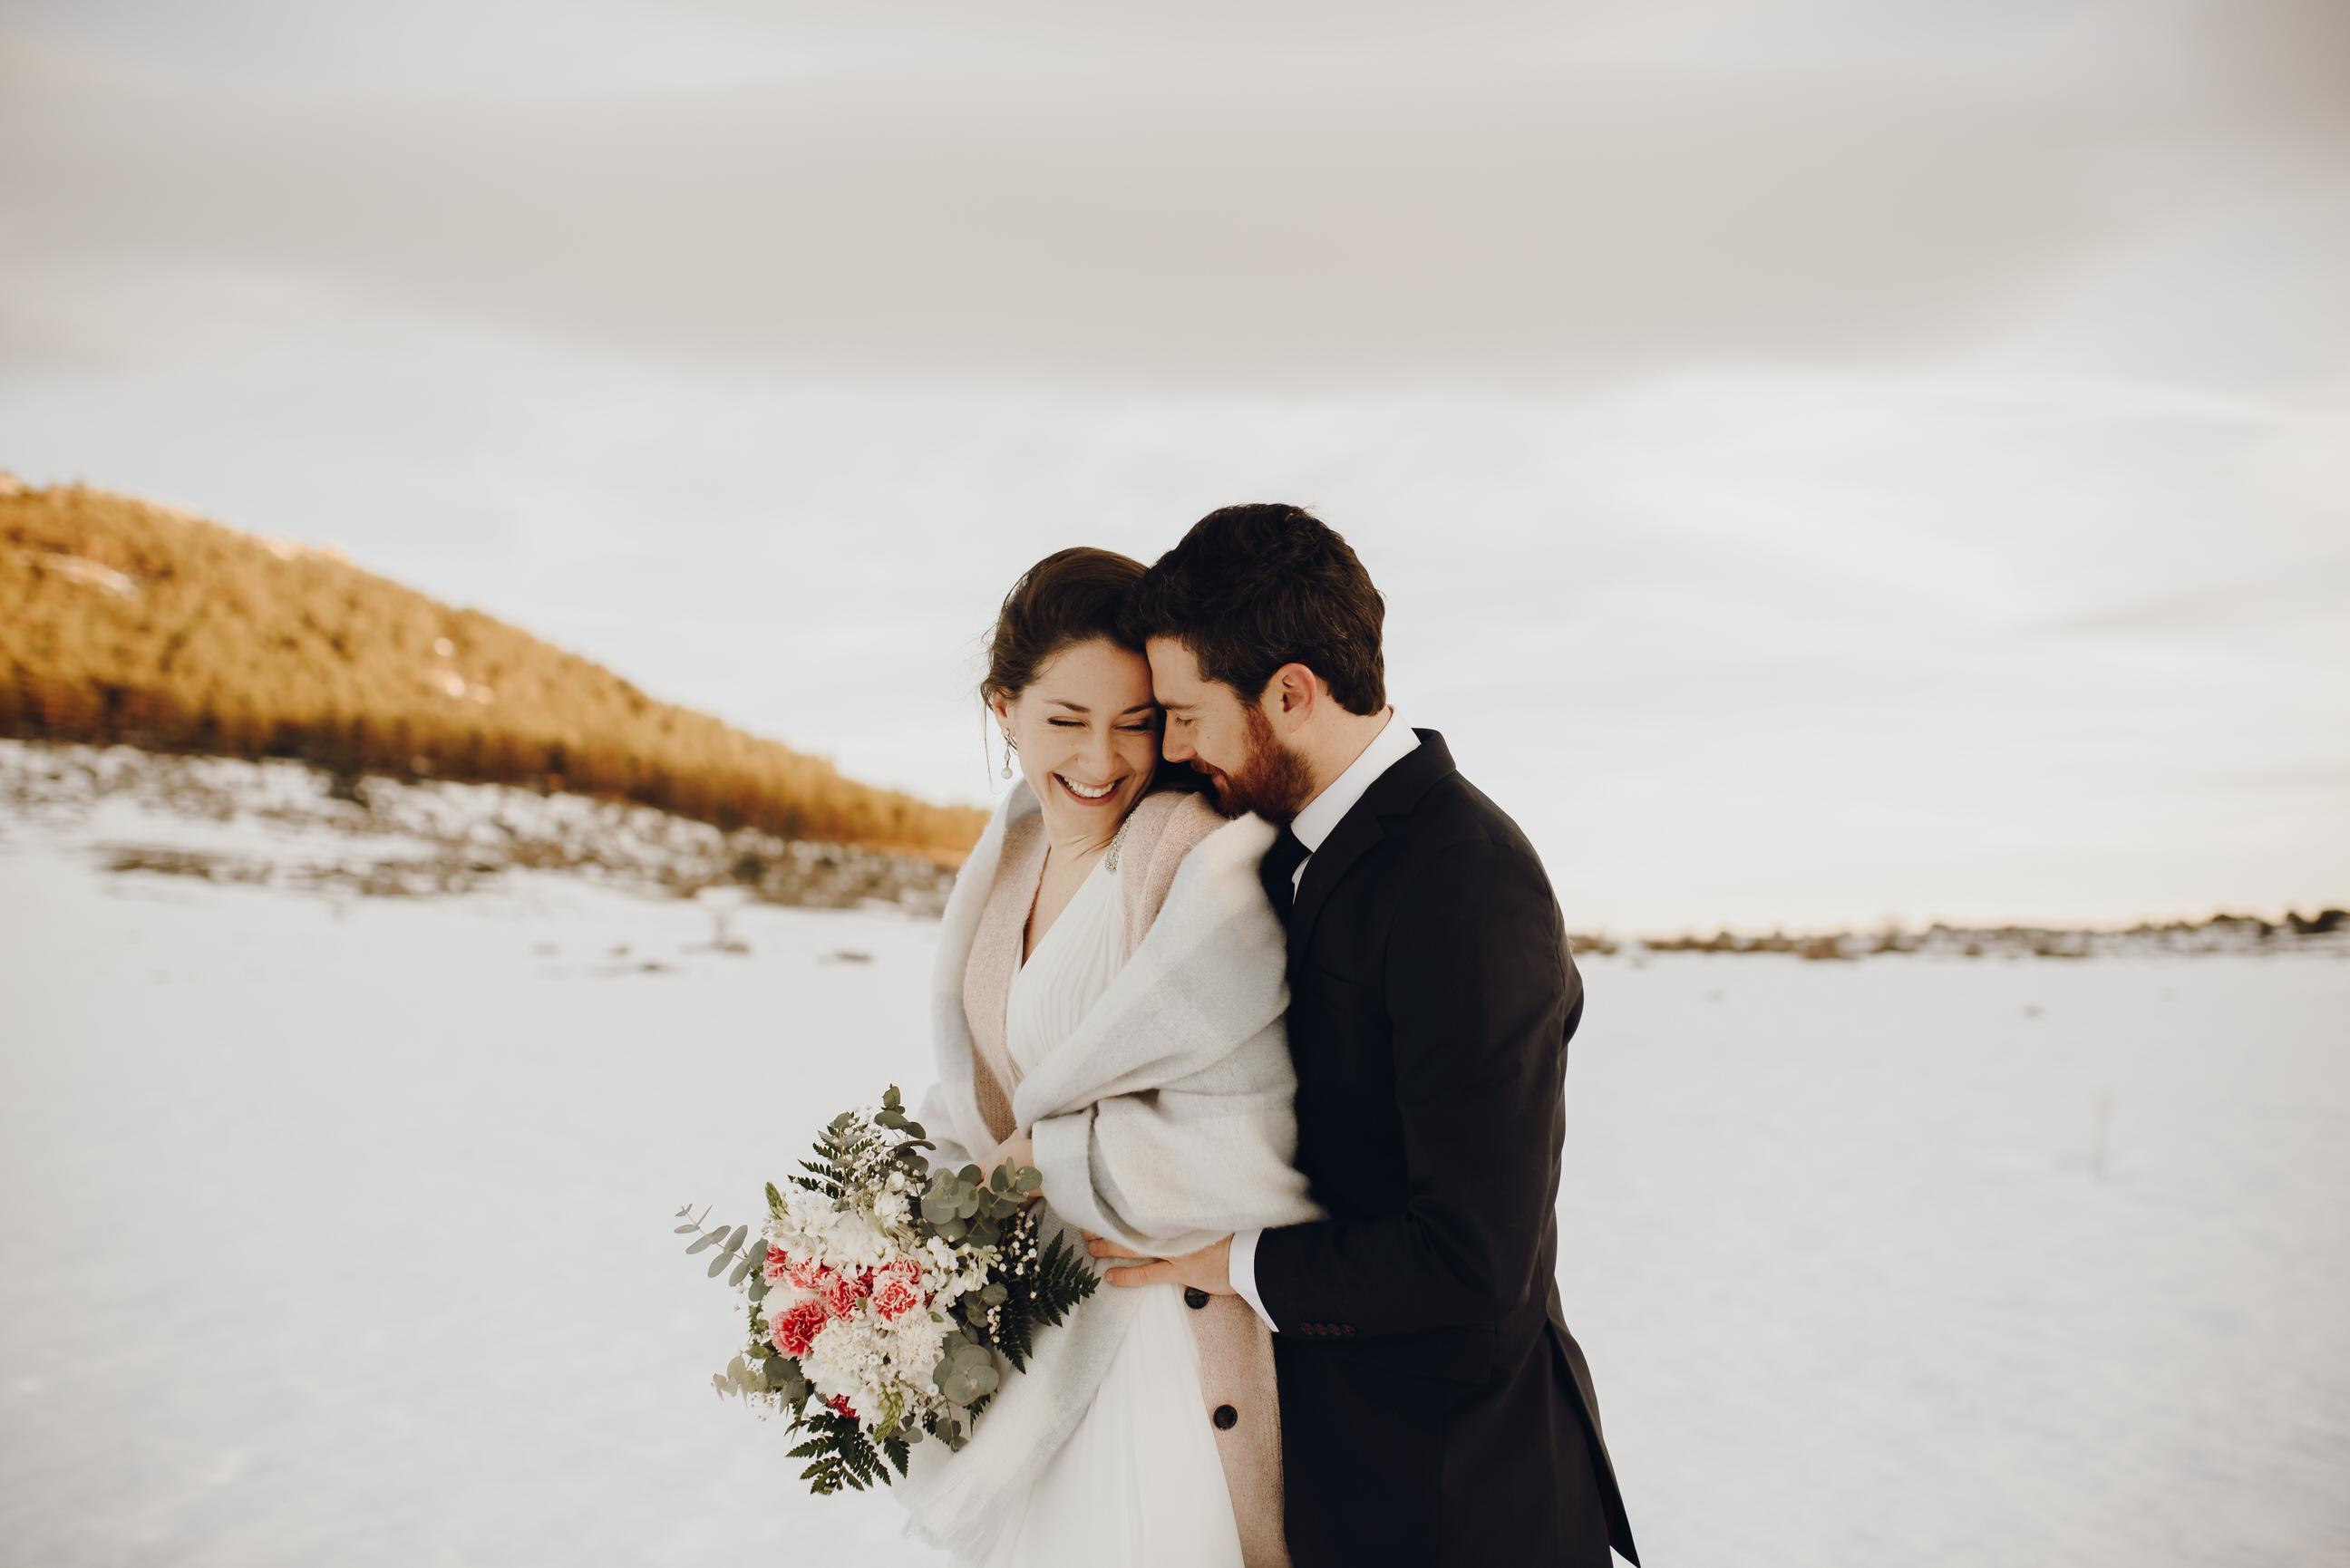 fotos boda nieve